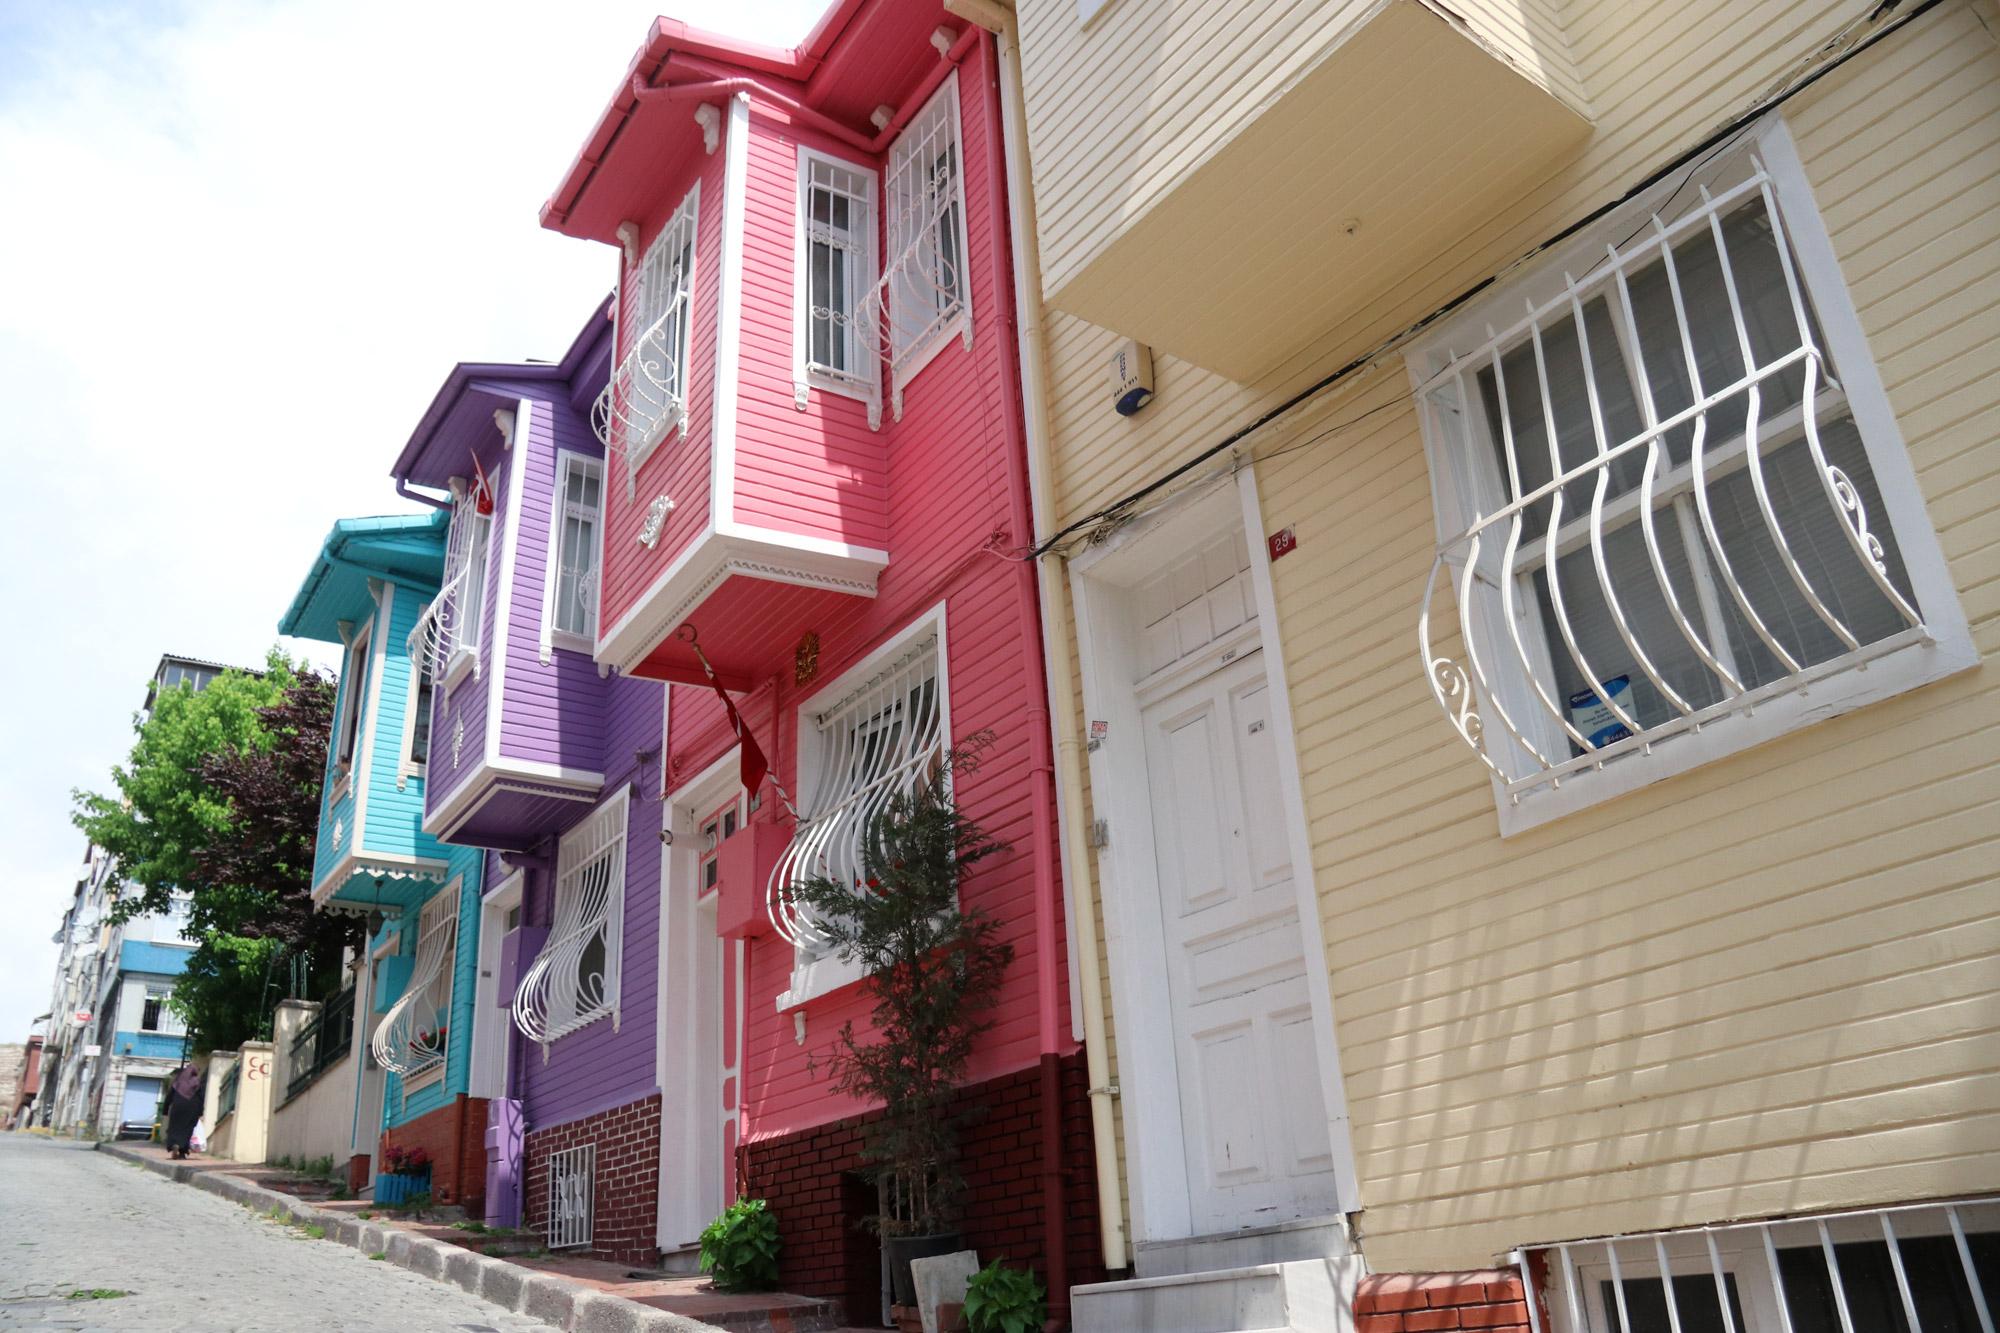 Stedentrip Istanbul - Kleurige huisjes in Kariye